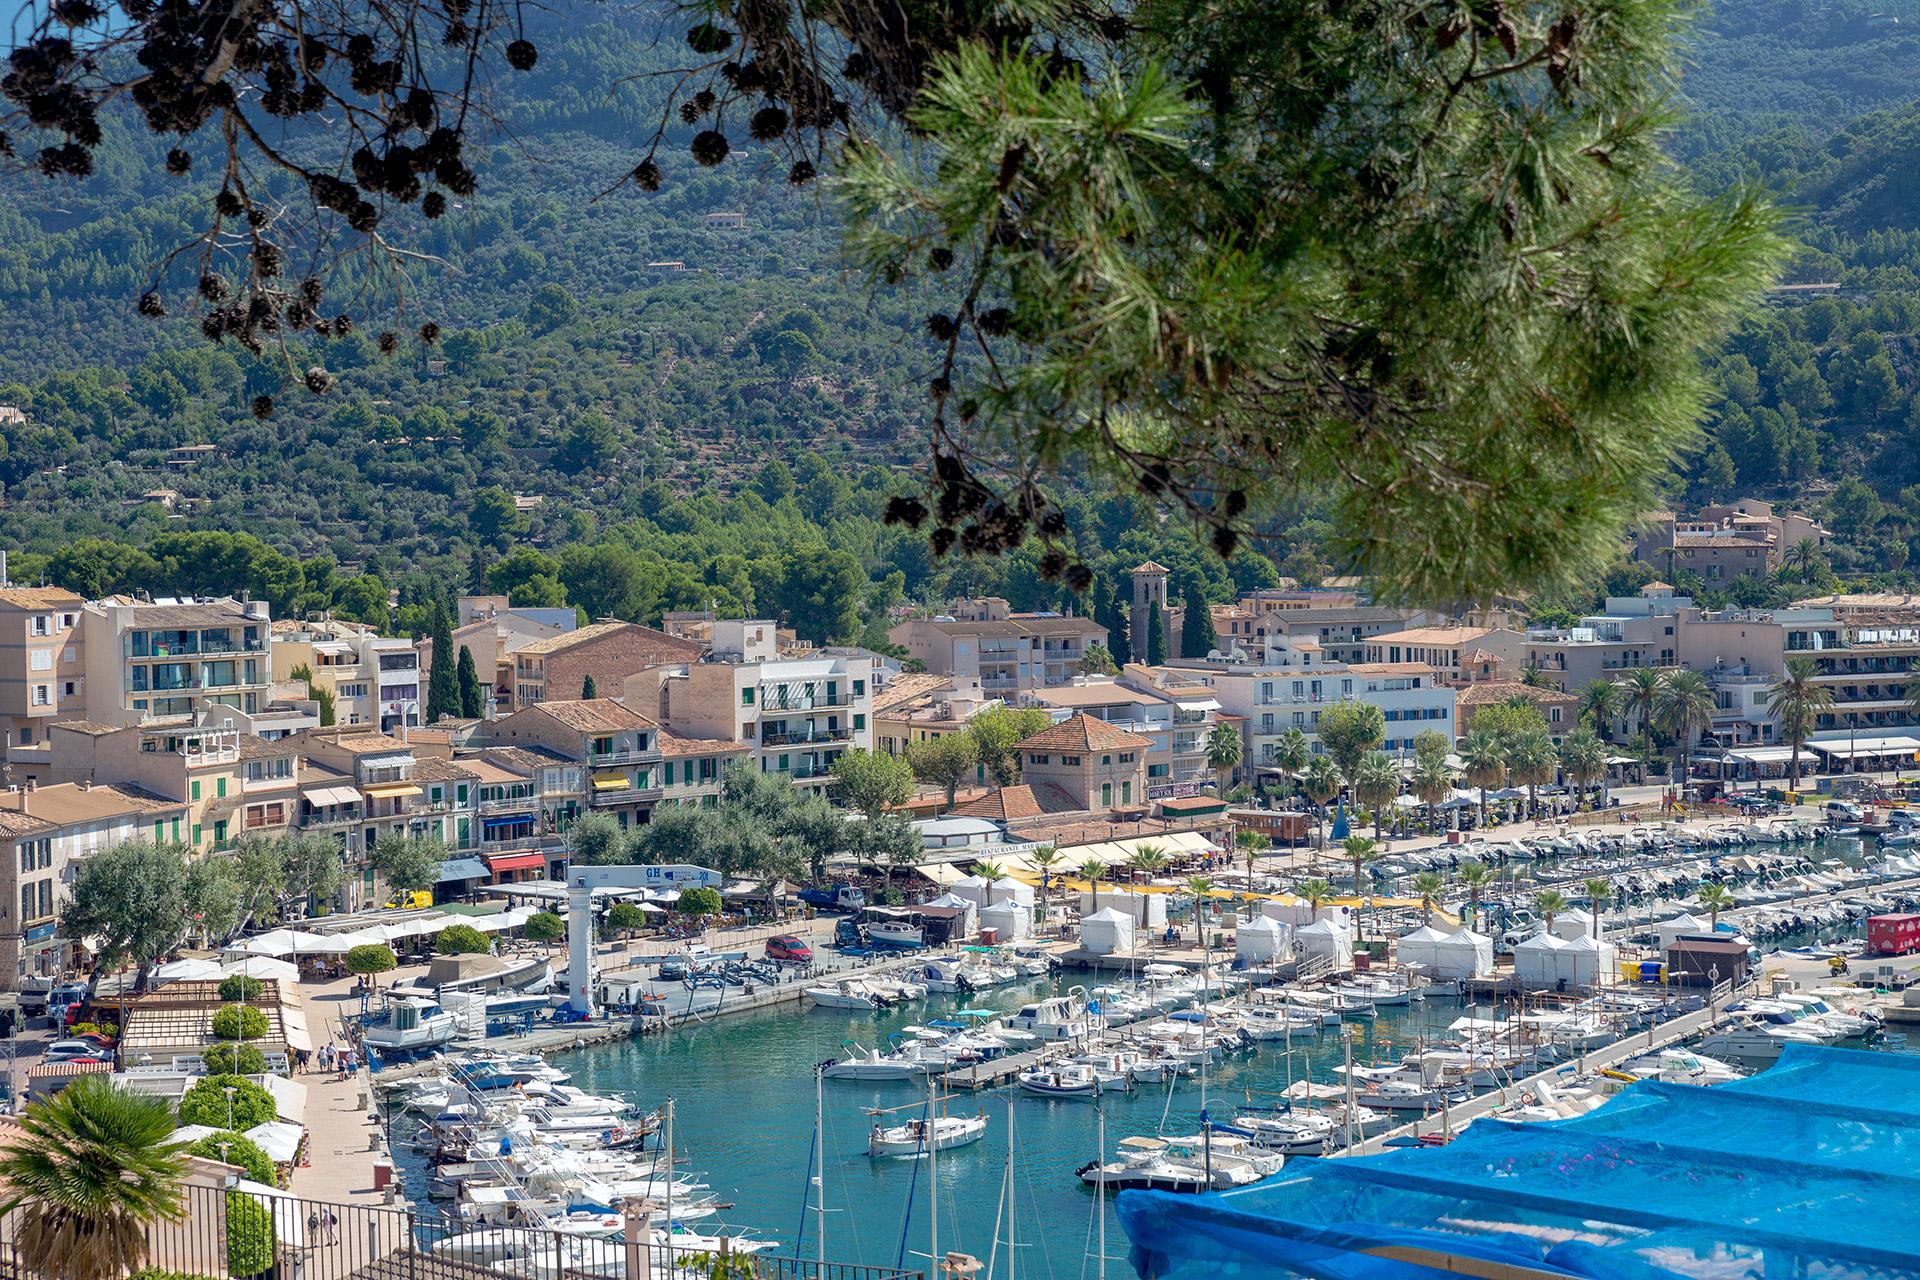 Port de Sóller, Mallorca © Tuulia Kolehmainen